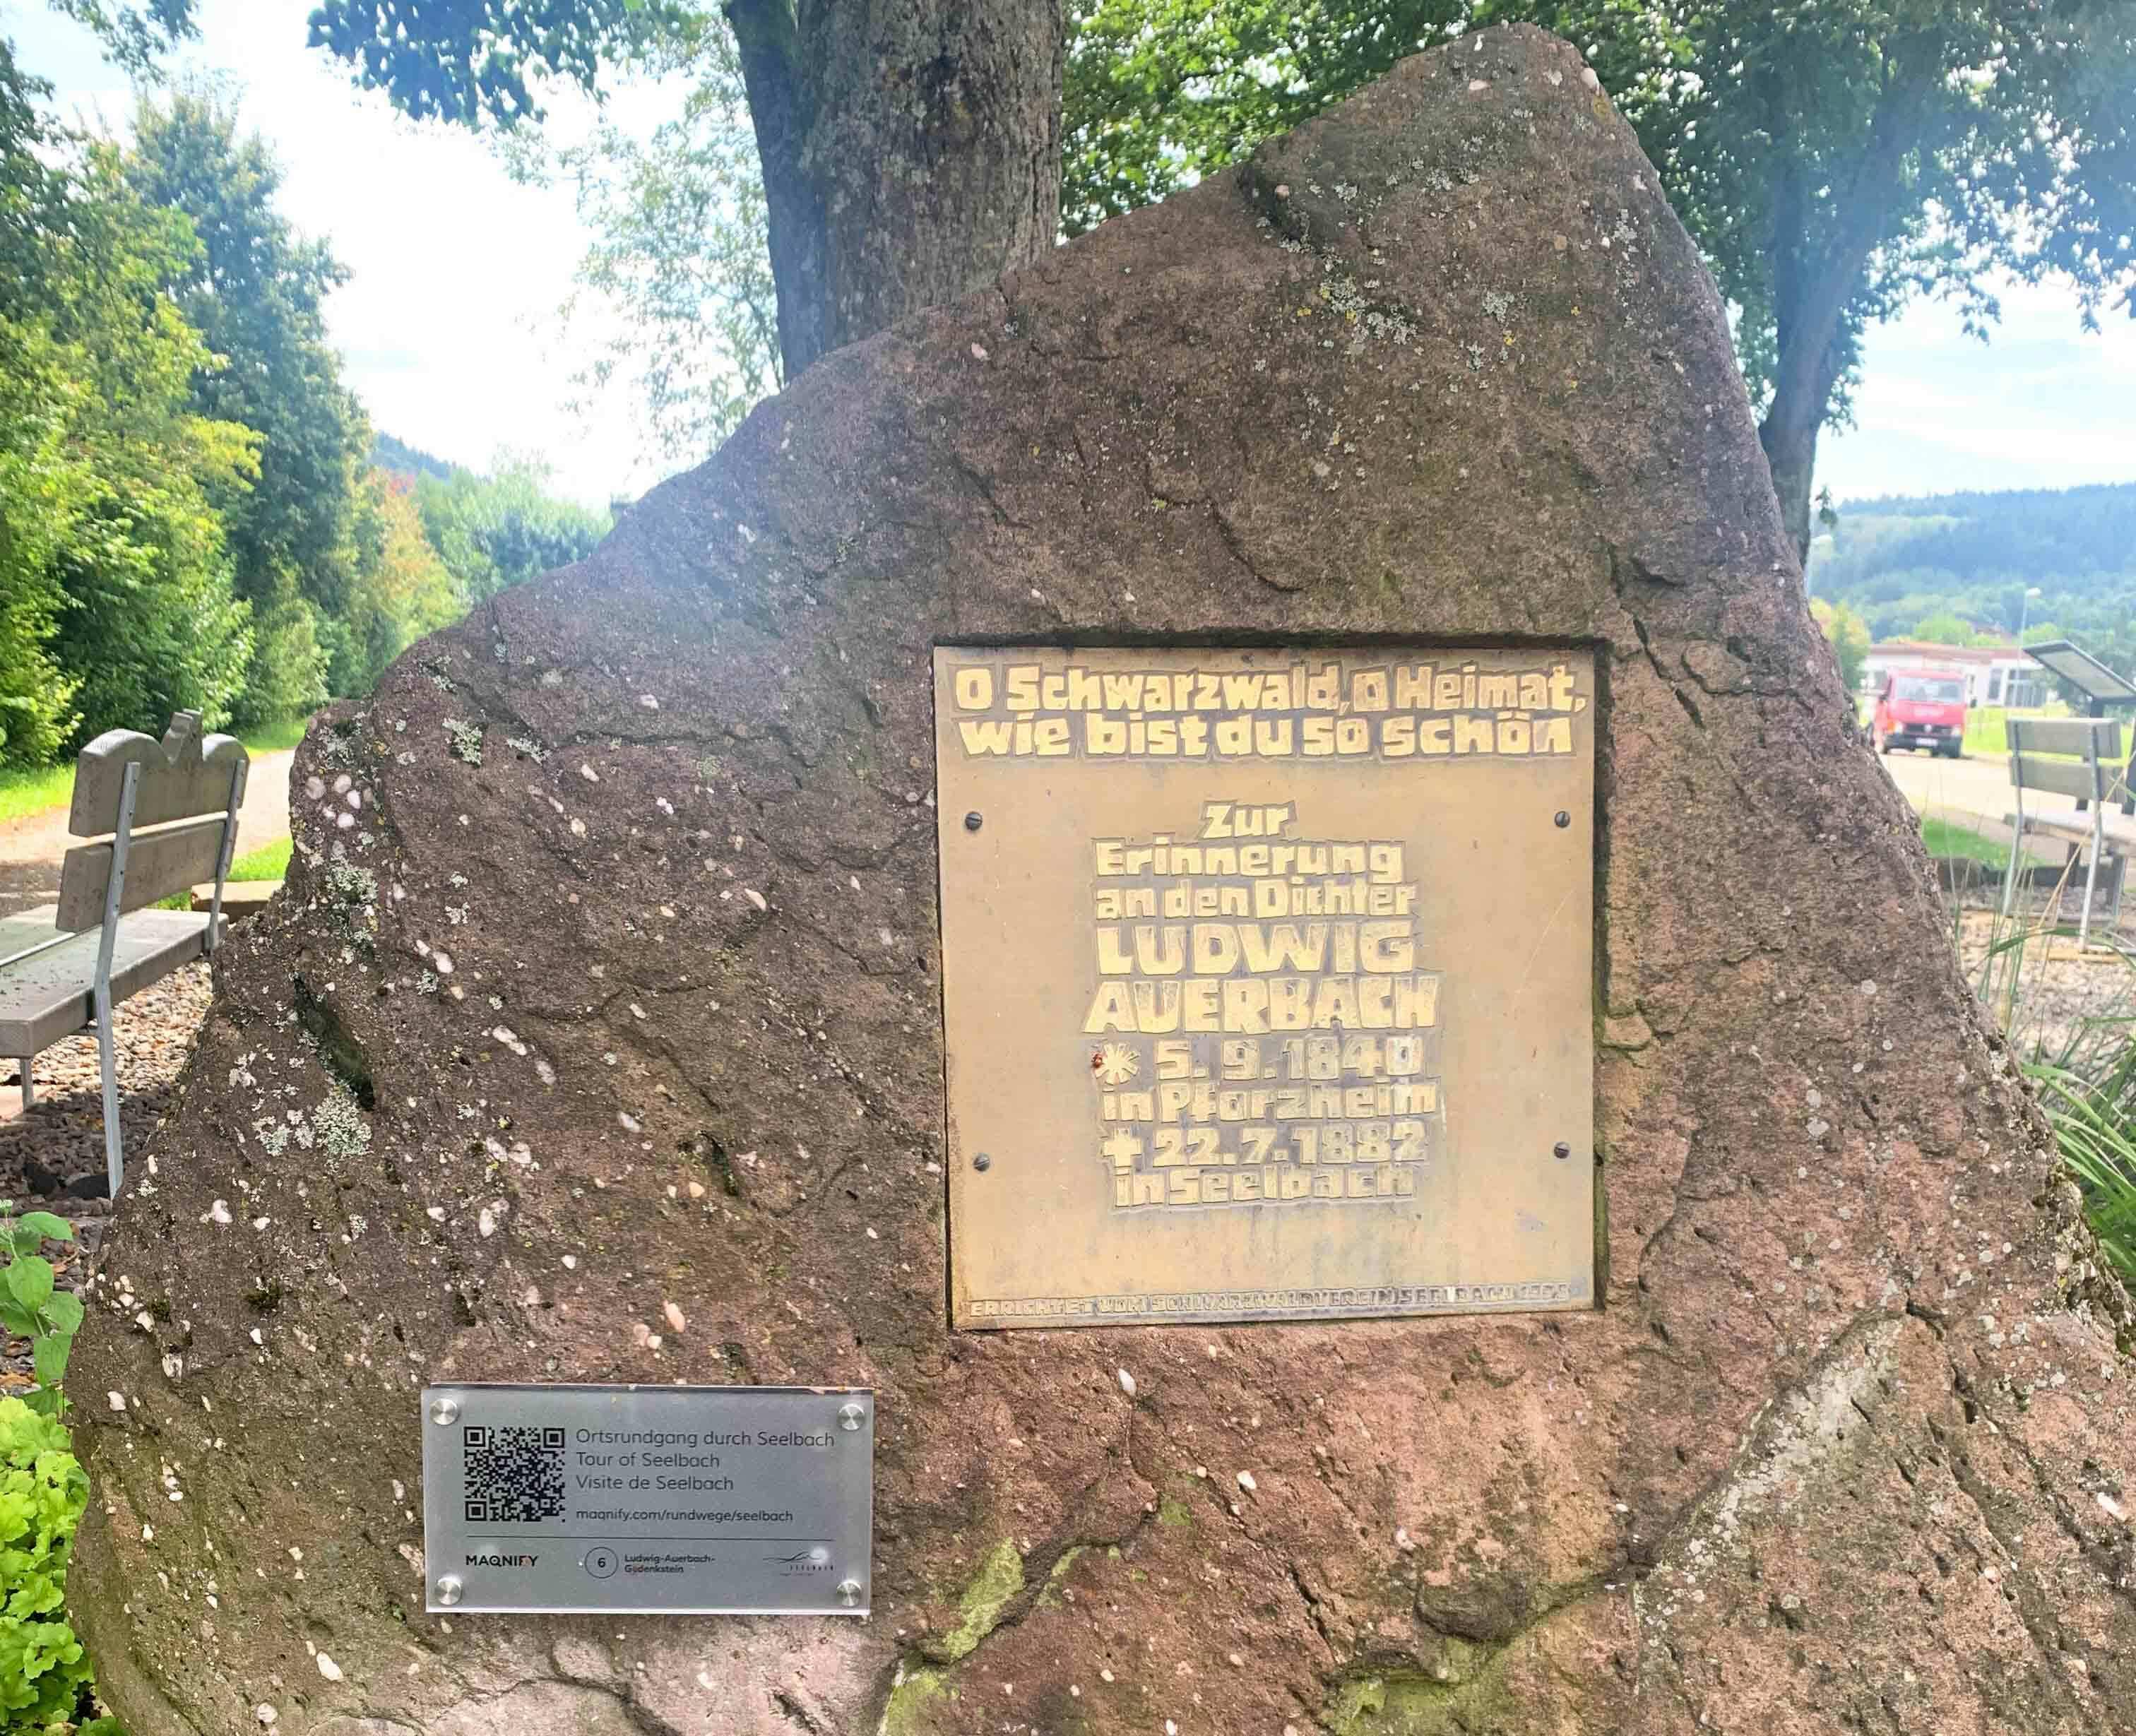 Ludwig-Auerbach-Gedenkstein mit QR-Code Tafel